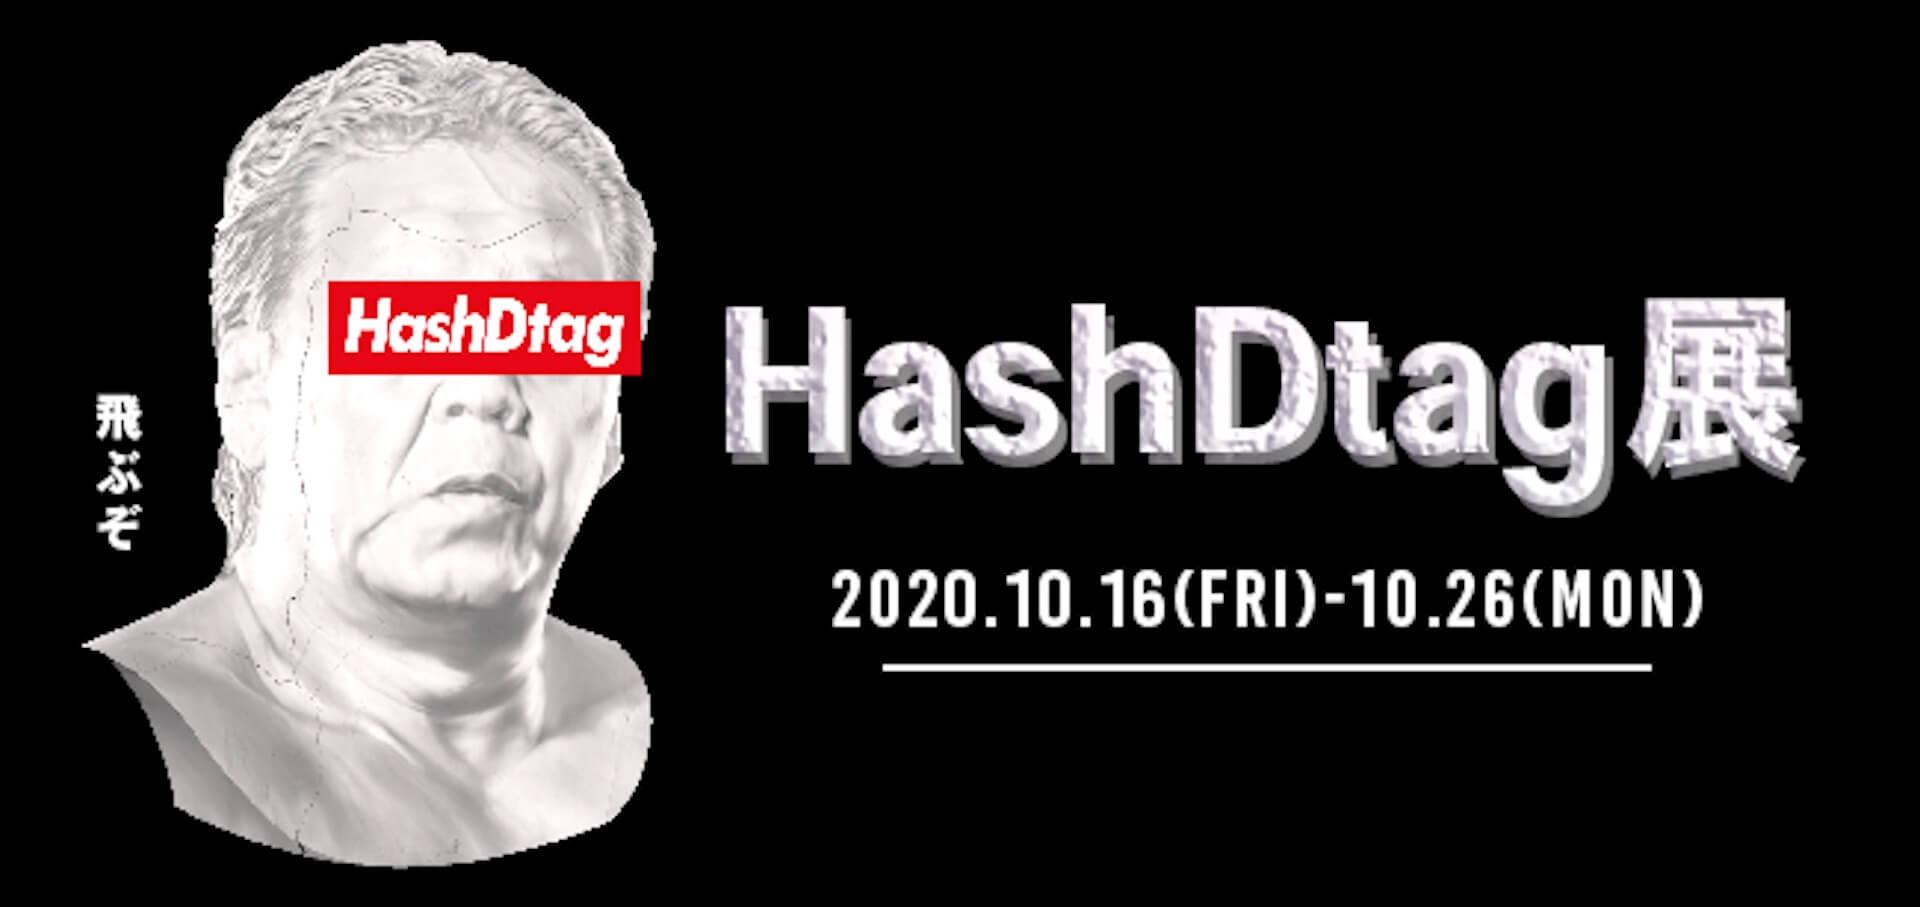 長州力ポップアップイベント<HashDtag展>が池袋パルコにて開催決定!パーカーやステッカーなどのオリジナルグッズを販売 culture2020109_hashdtag_1